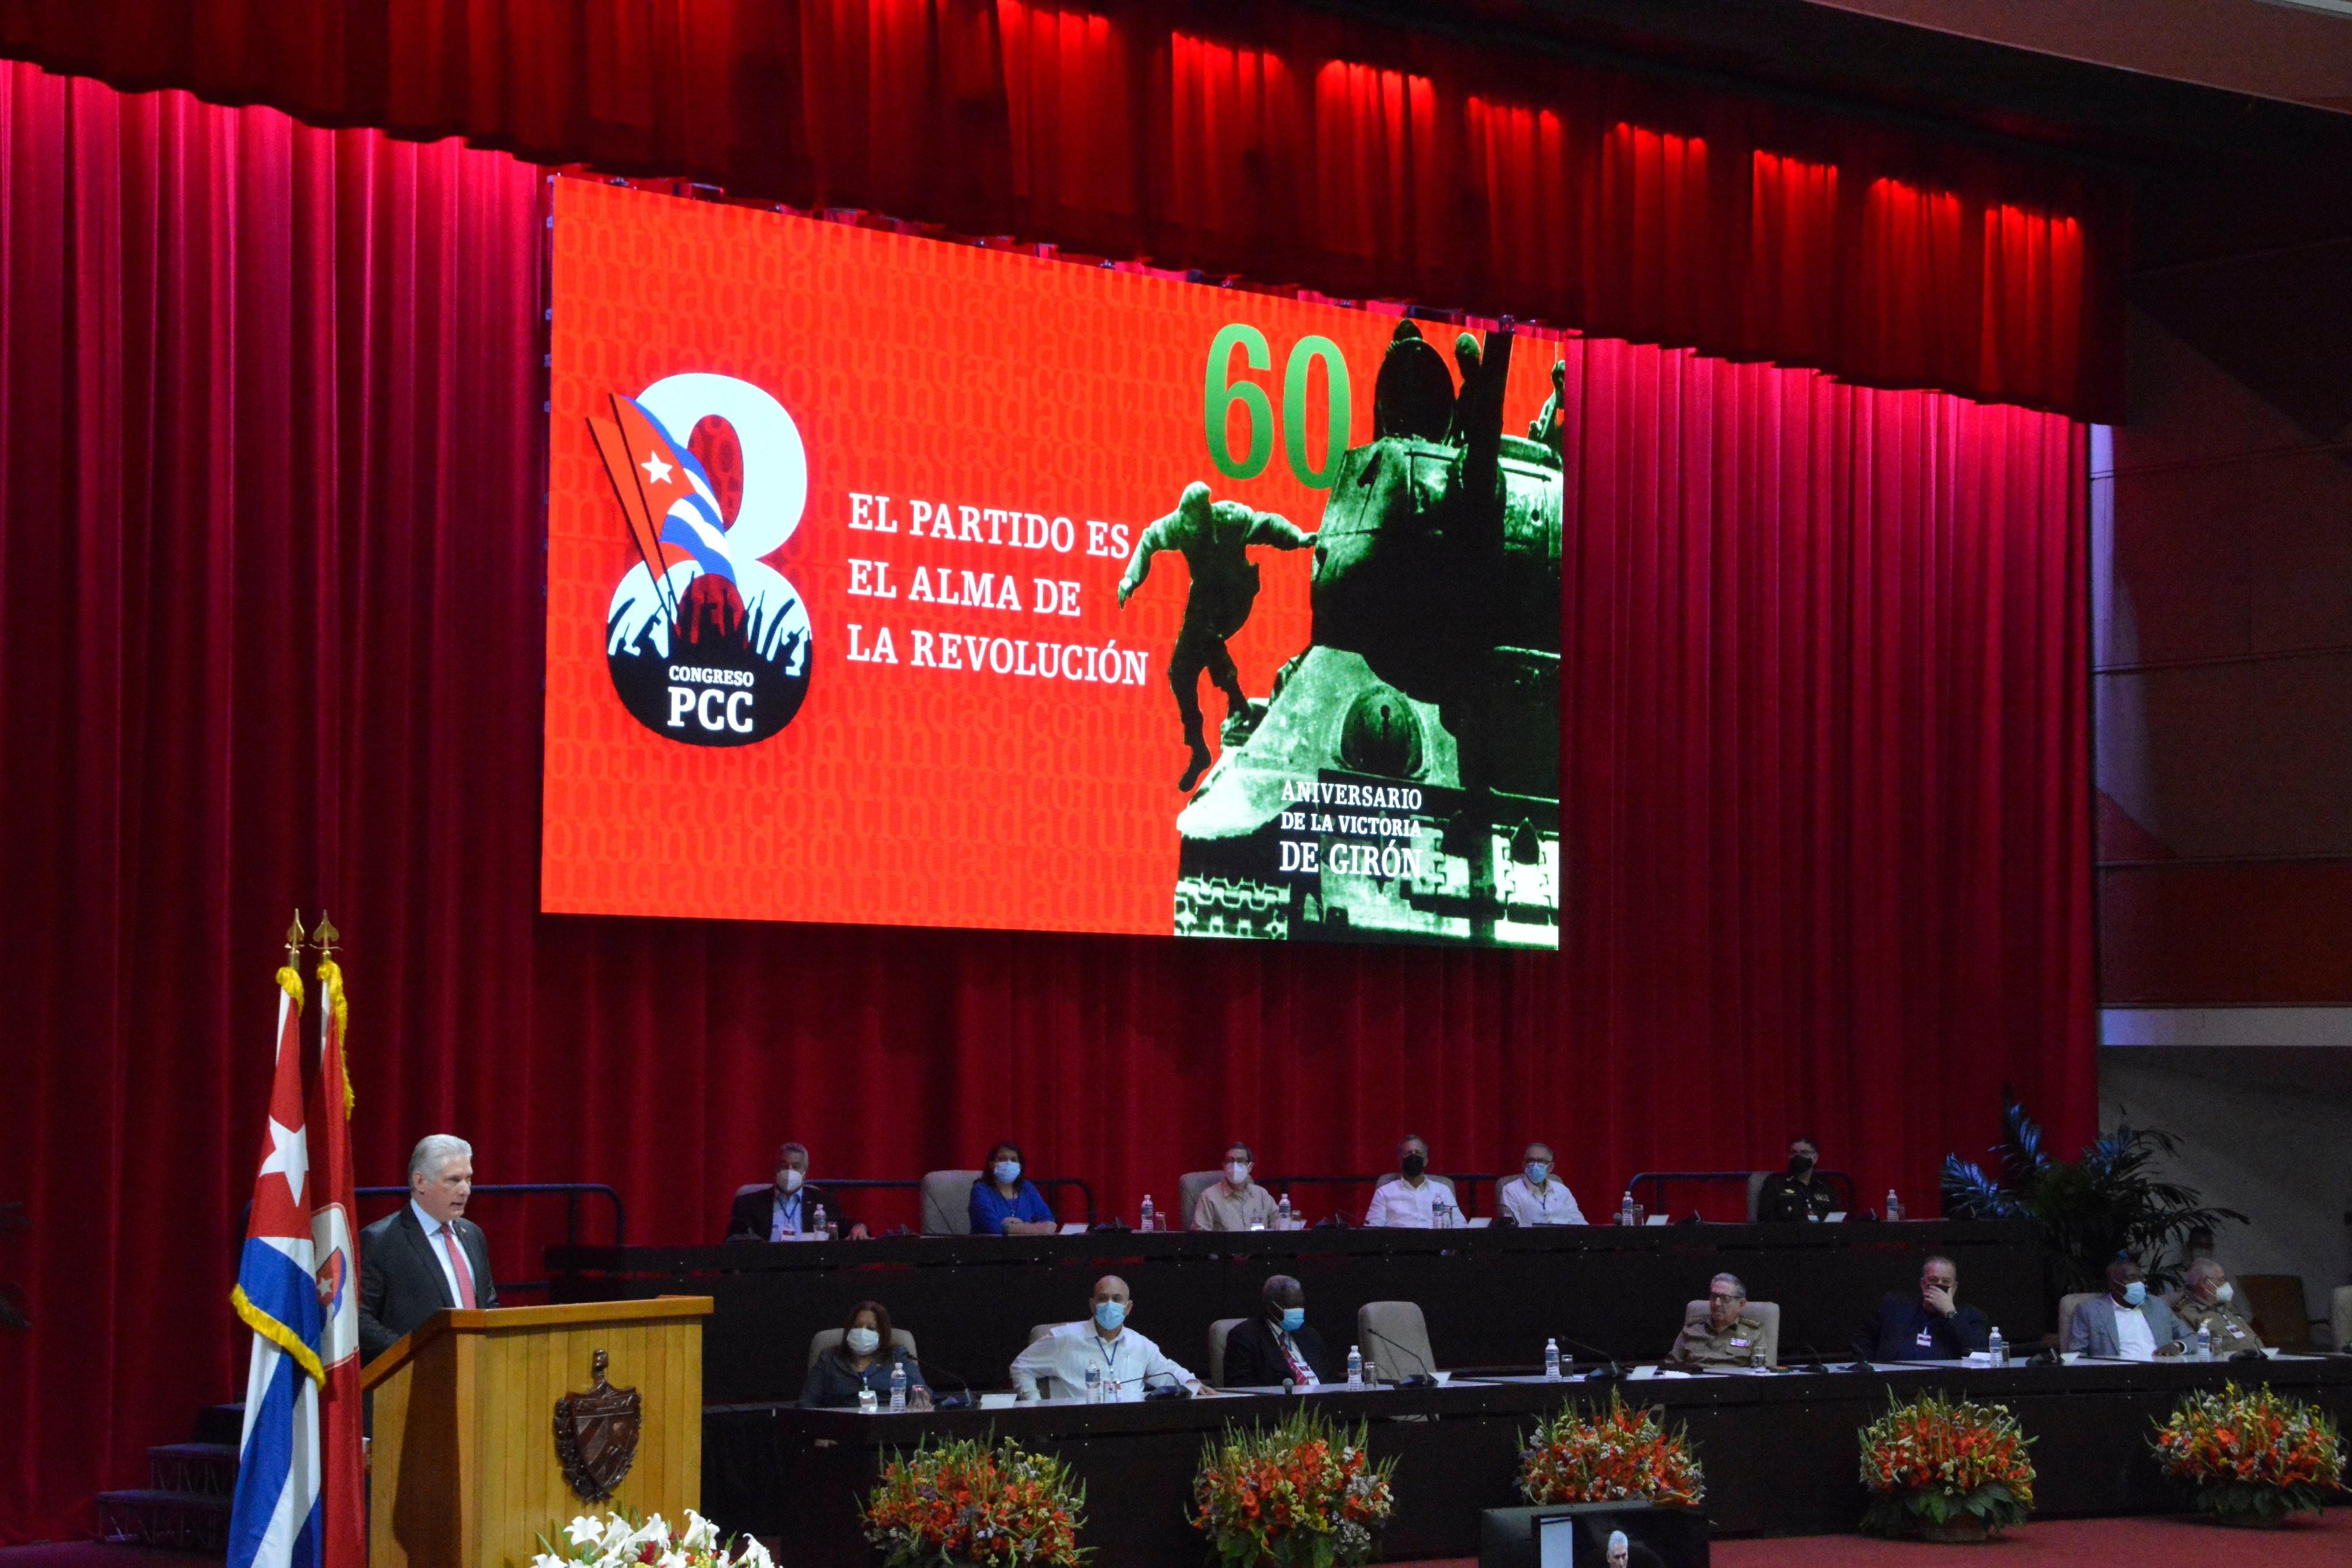 Отставка Рауля Кастро - по-настоящему историческое событие, произошедшее на состоявшемся в Гаване VIII съезде Компартии Кубы.